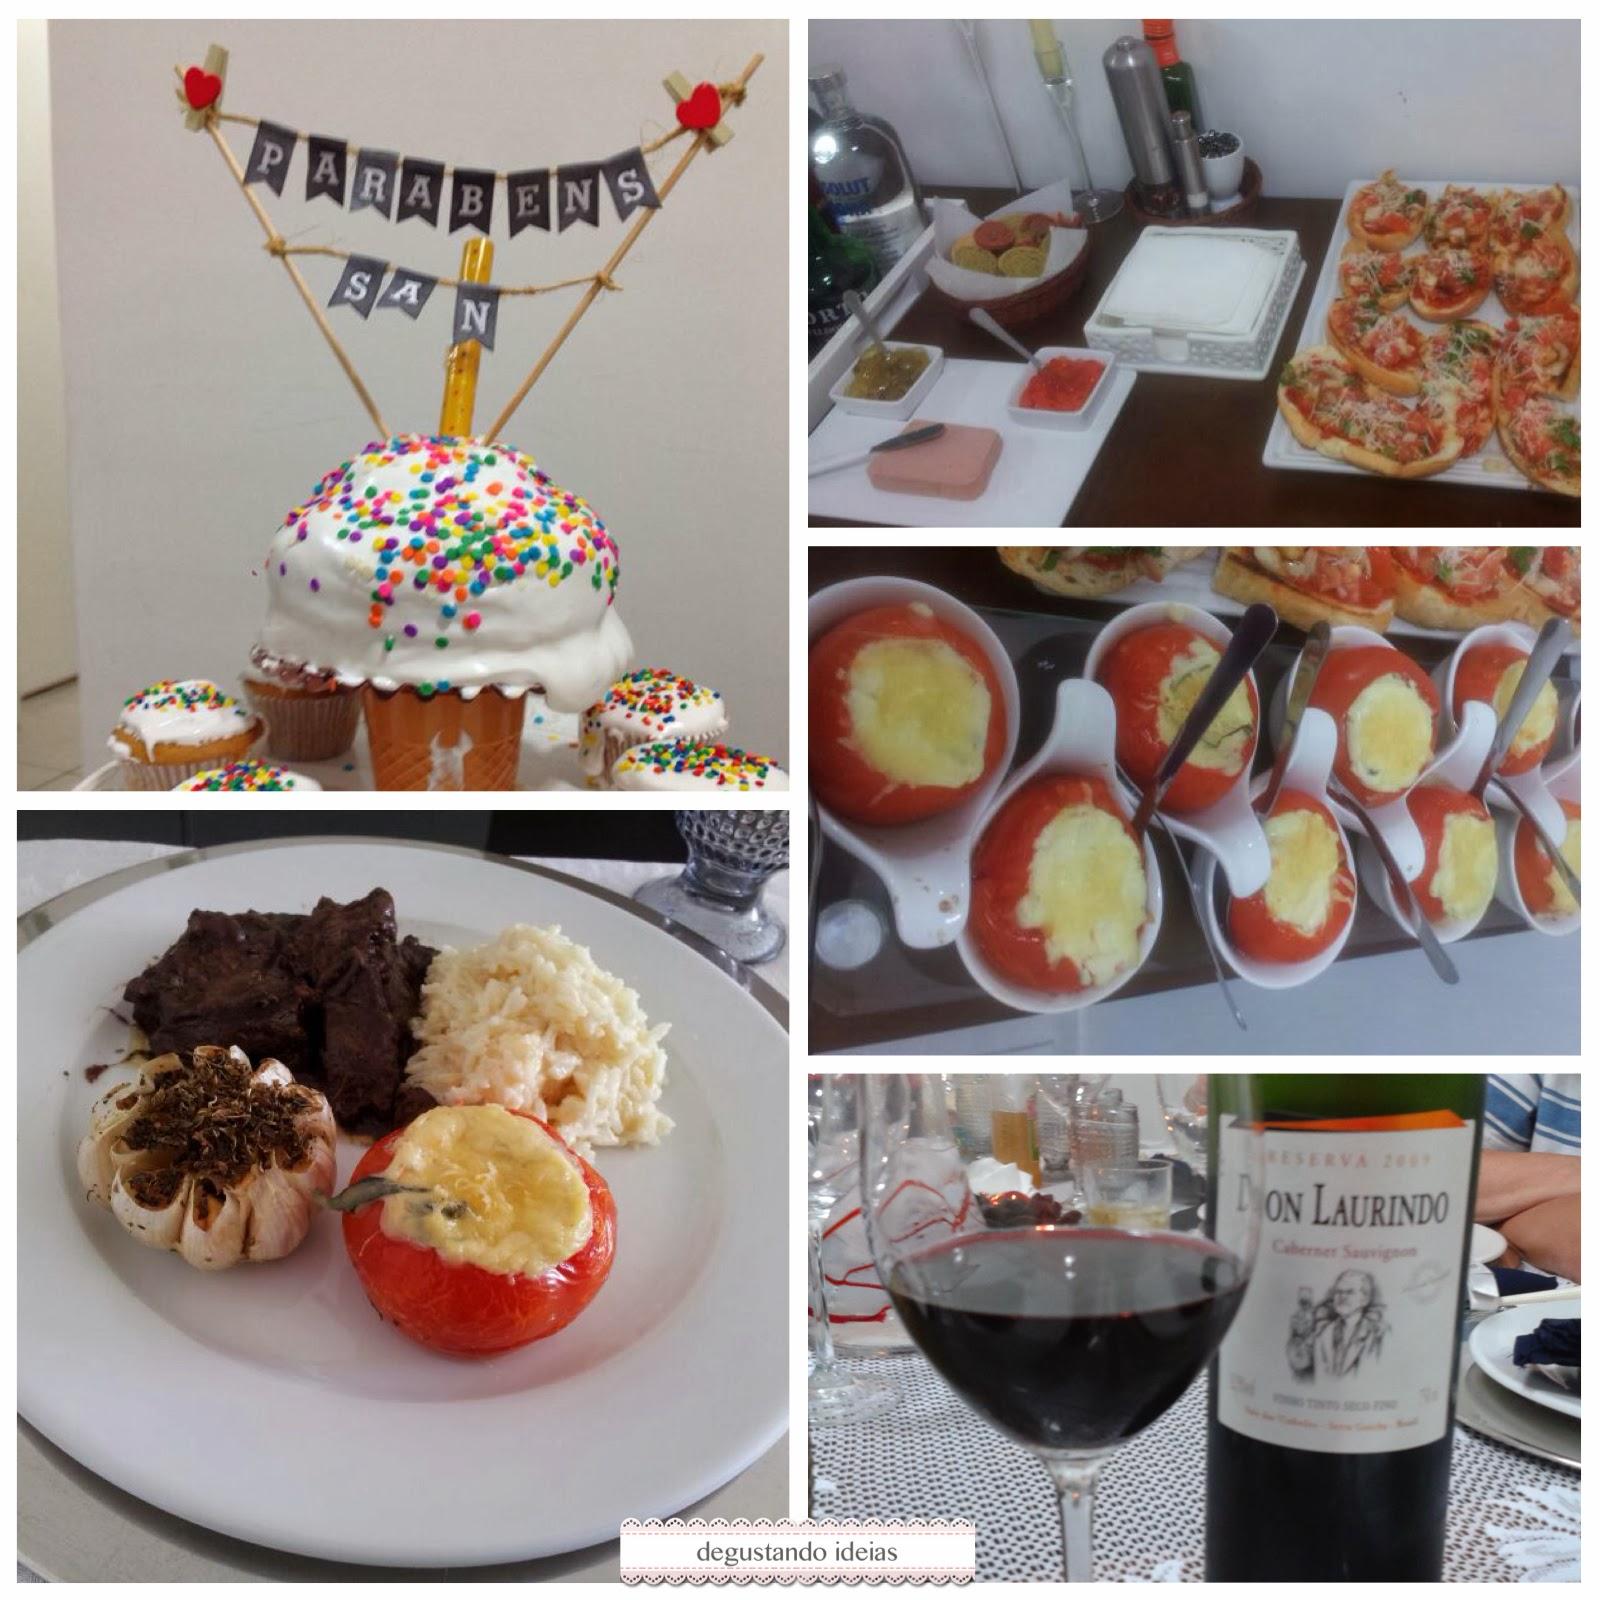 Preferência Degustando ideias | Blog de Culinária: Jantar de aniversário do marido SF44